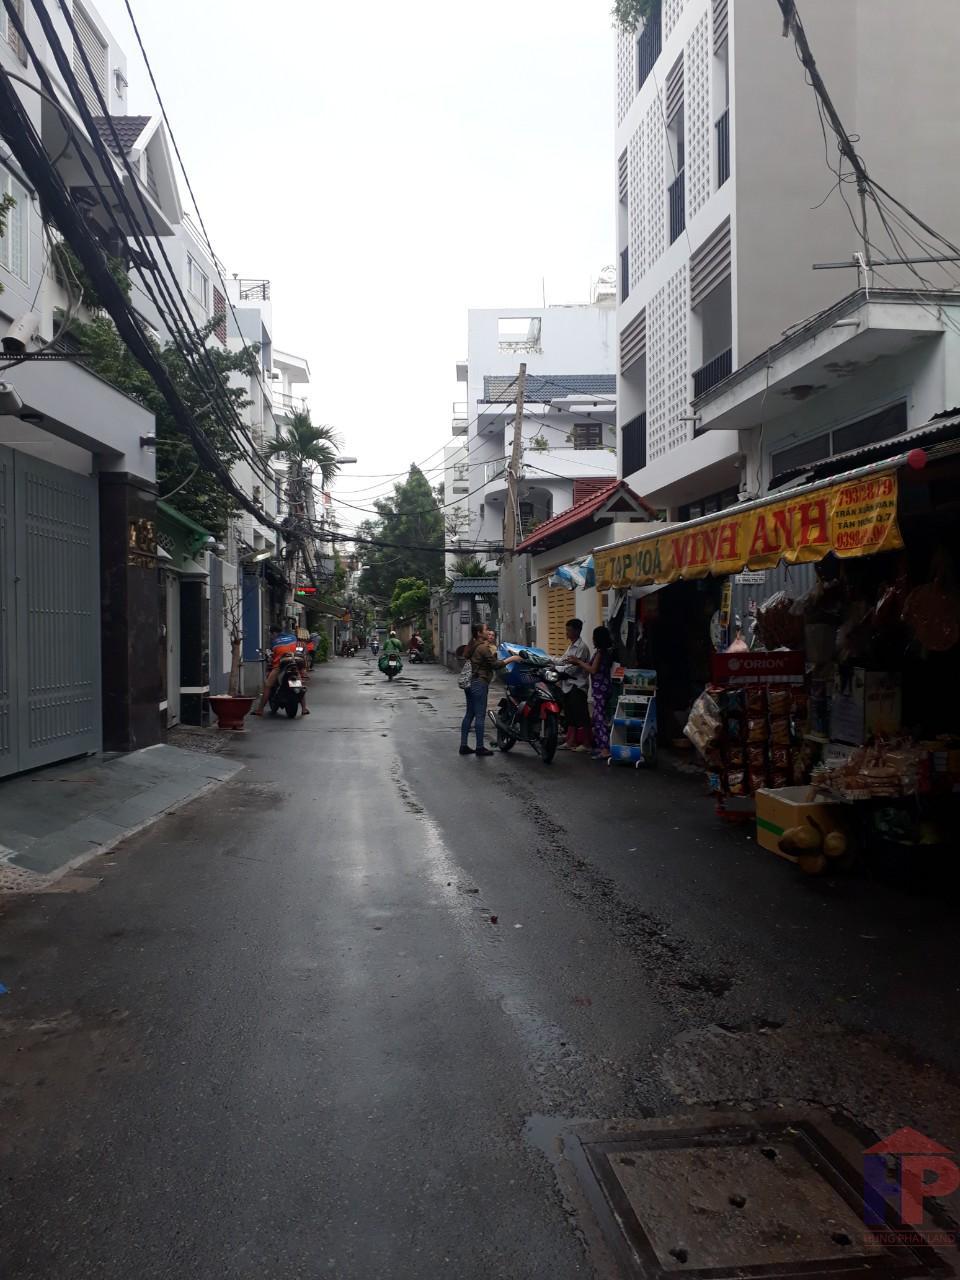 Cho thuê nhà nguyên căn mặt tiền khu Kiều Đàm 793 Trần Xuân Soạn Giá 17 tr/tháng LH 0909477288